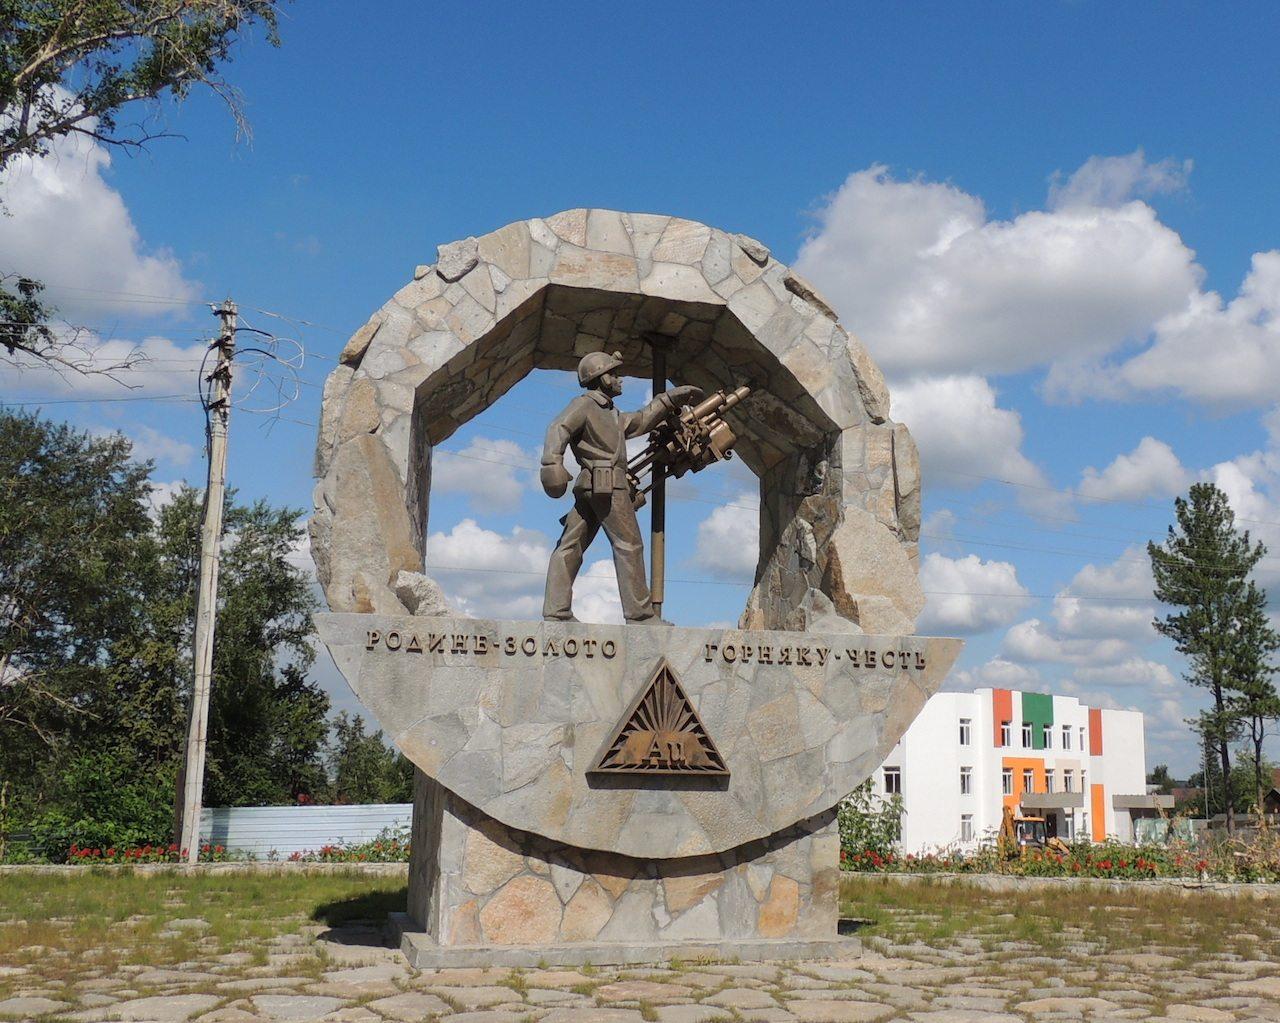 Монумент «Горняцкая слава», Березовский, Свердловская область